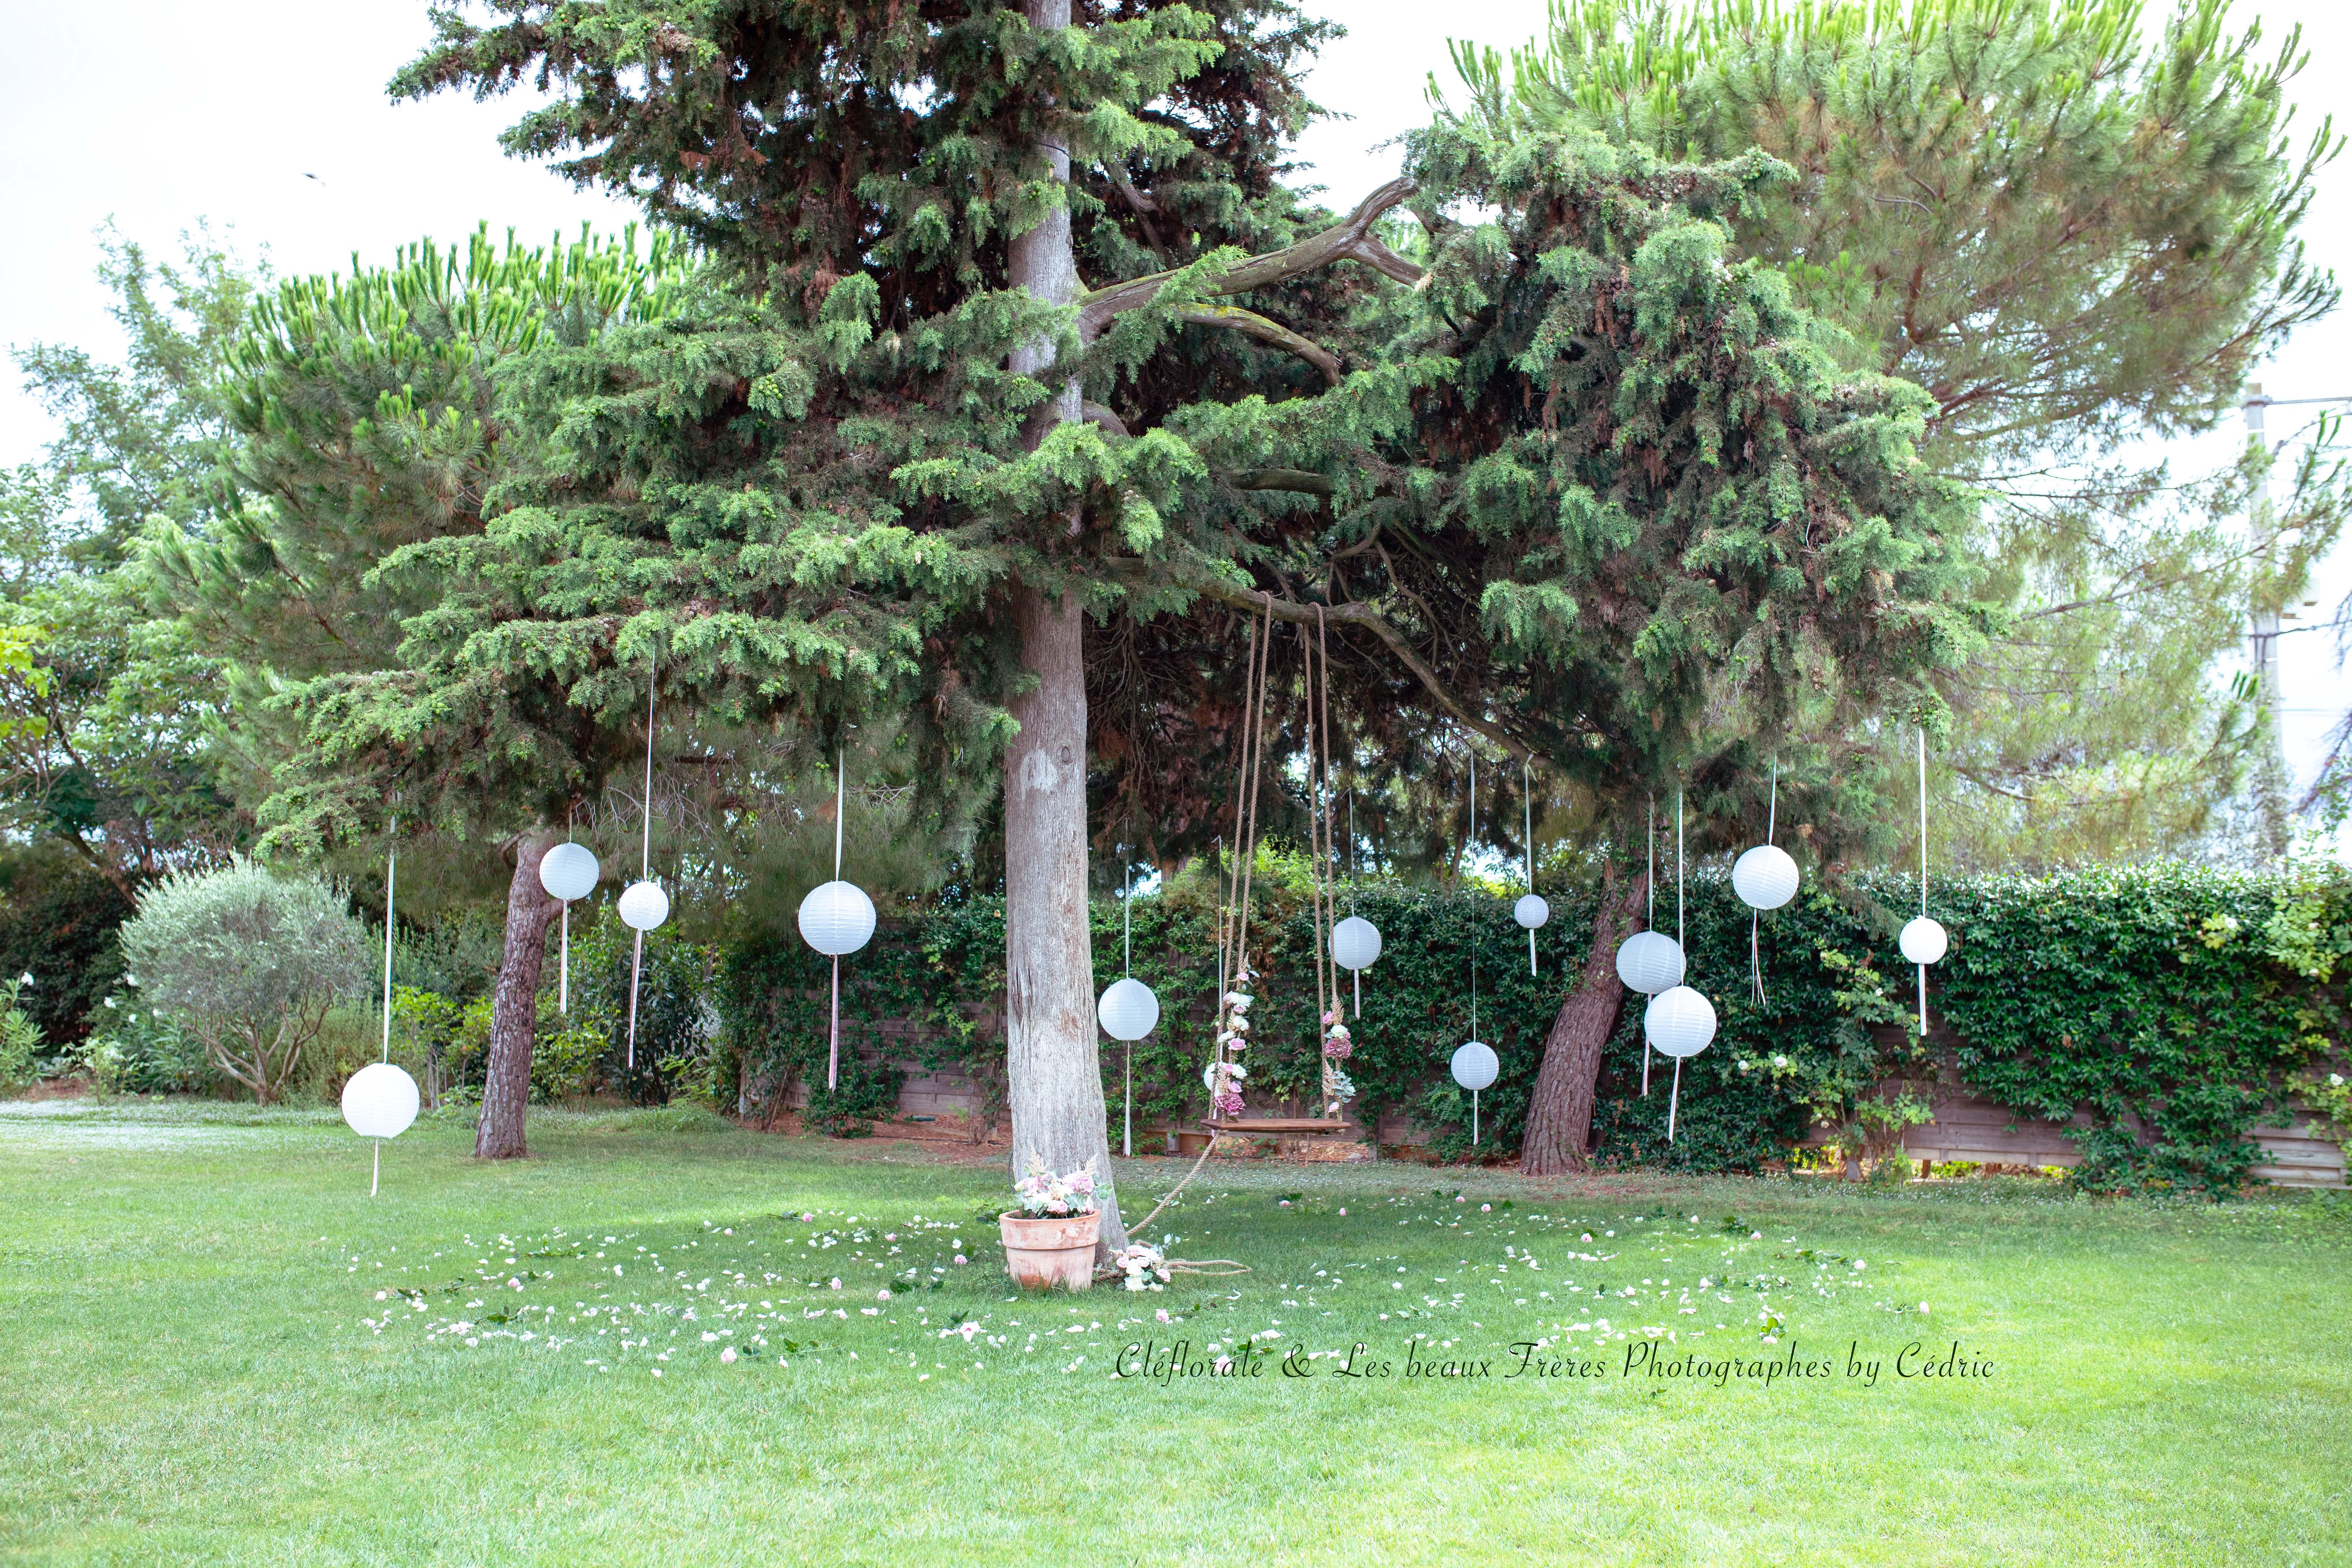 Priscillia_&_Aurelien_décoration_arbre_b